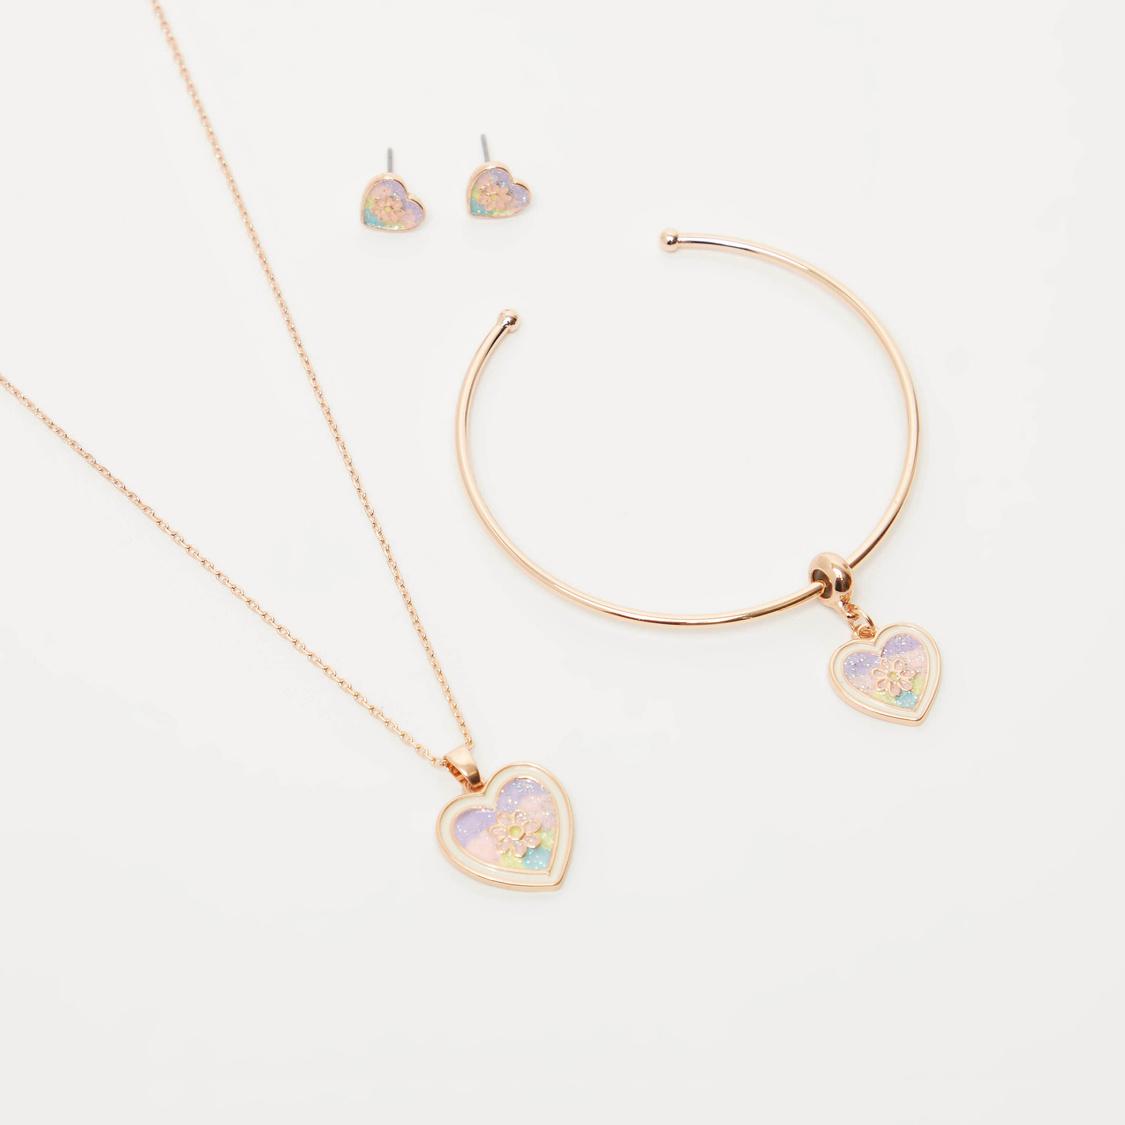 طقم مجوهرات بتفاصيل مزيّنة قلب-4 قطع